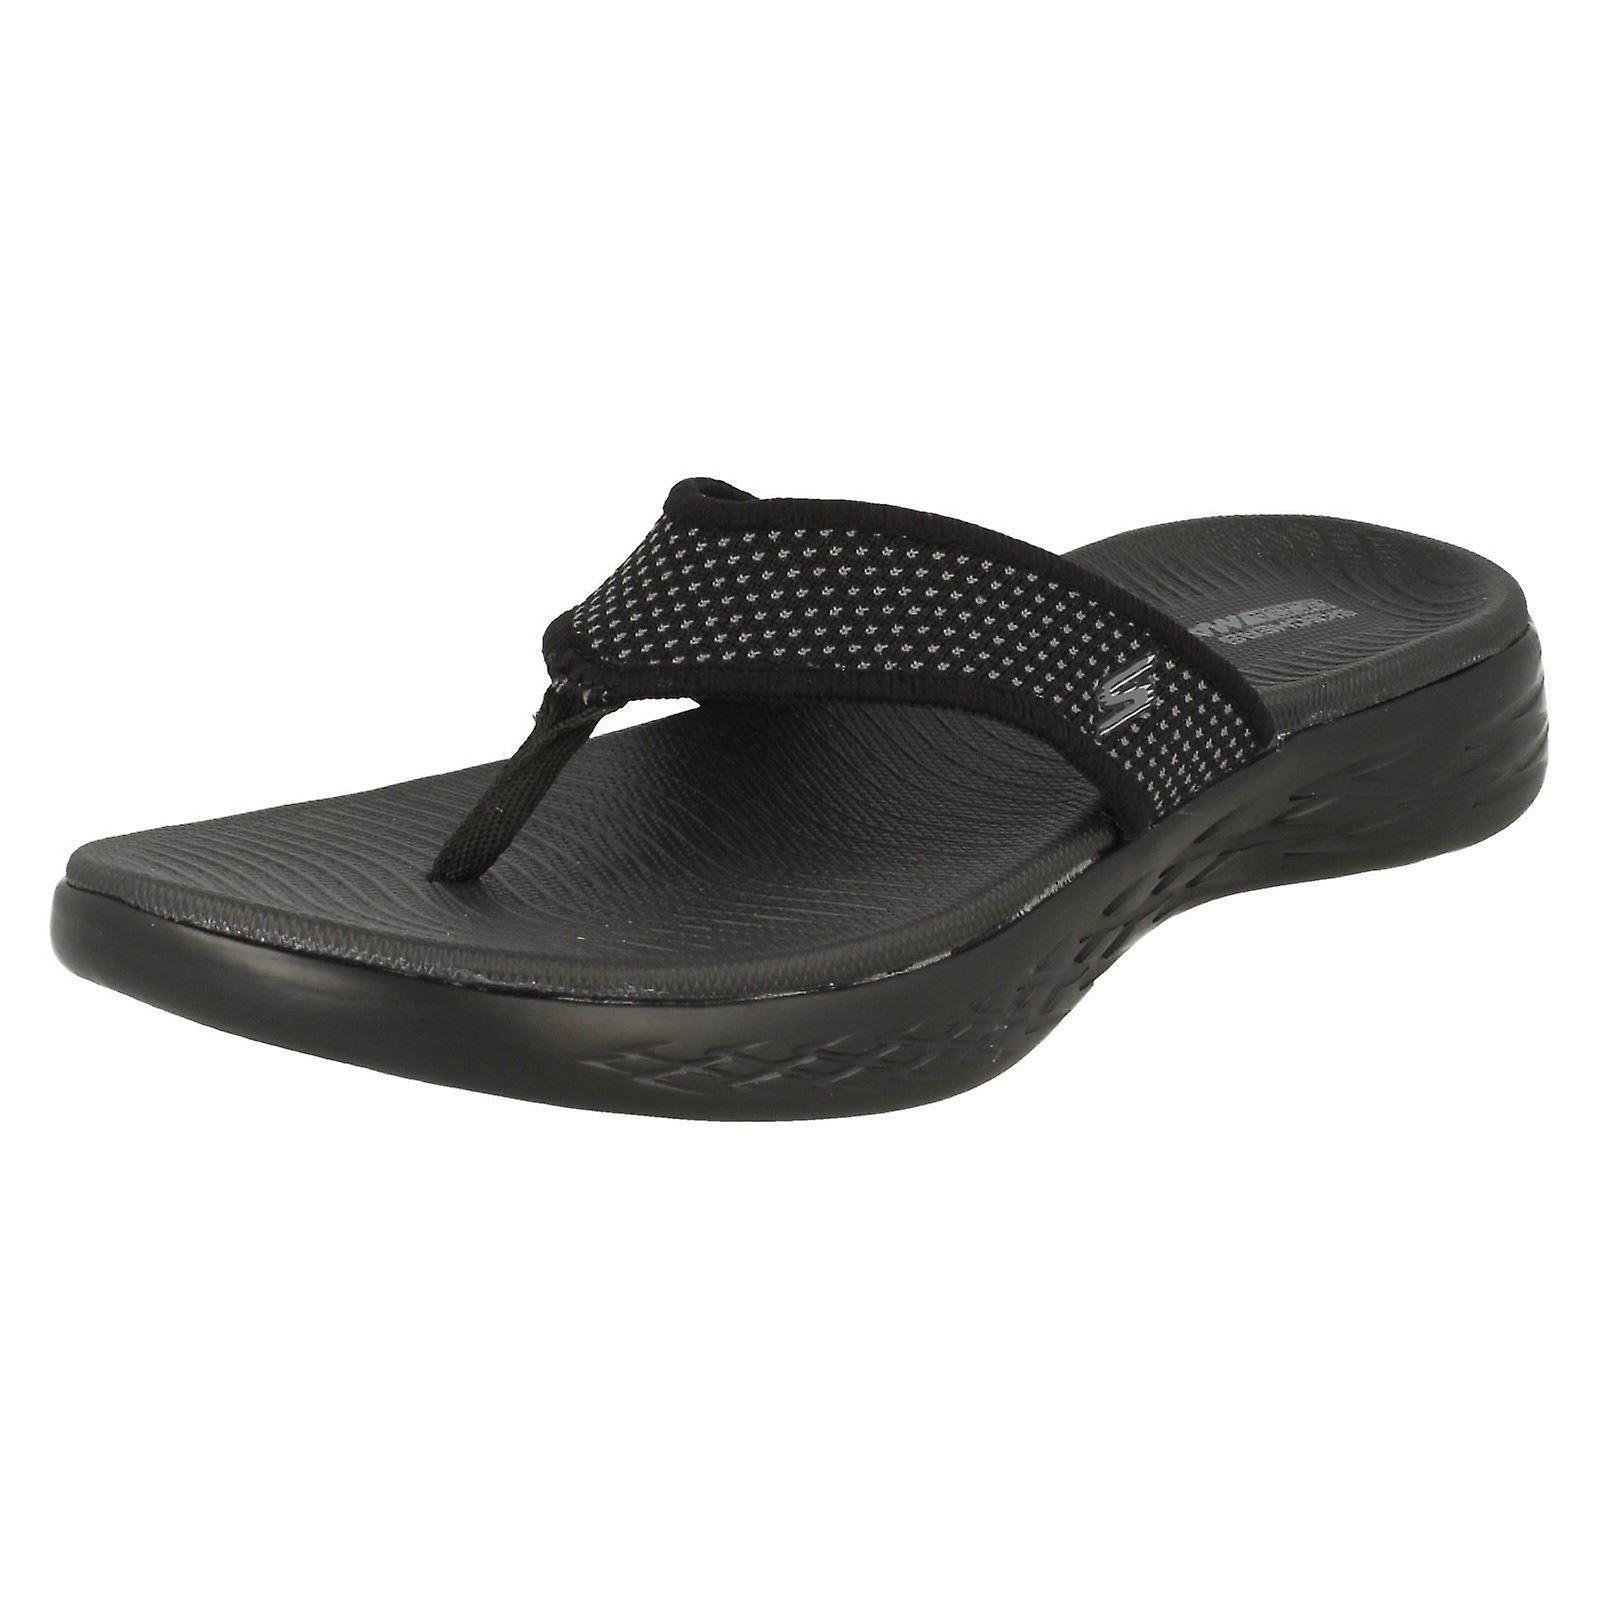 official photos d1632 2c572 Damen Skechers Casual Slip-on Flip Flops auf gehen 600 15300 - schwarze  Textil - UK Größe 6 - EU Größe 39 - US Größe 9